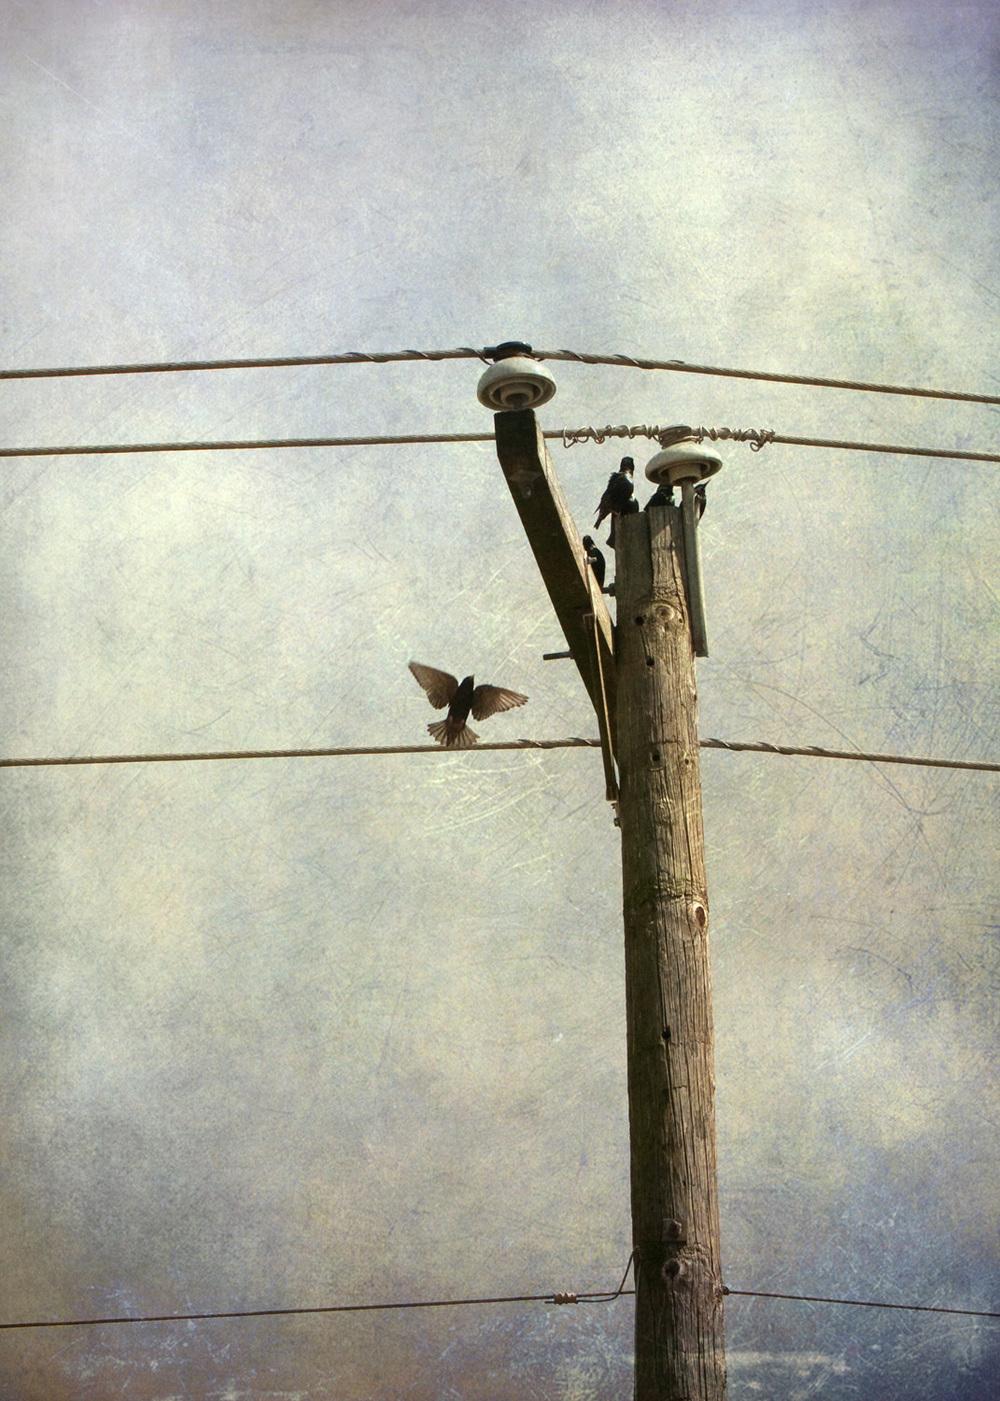 birds_at_dusk_01-7x5-1319.jpg